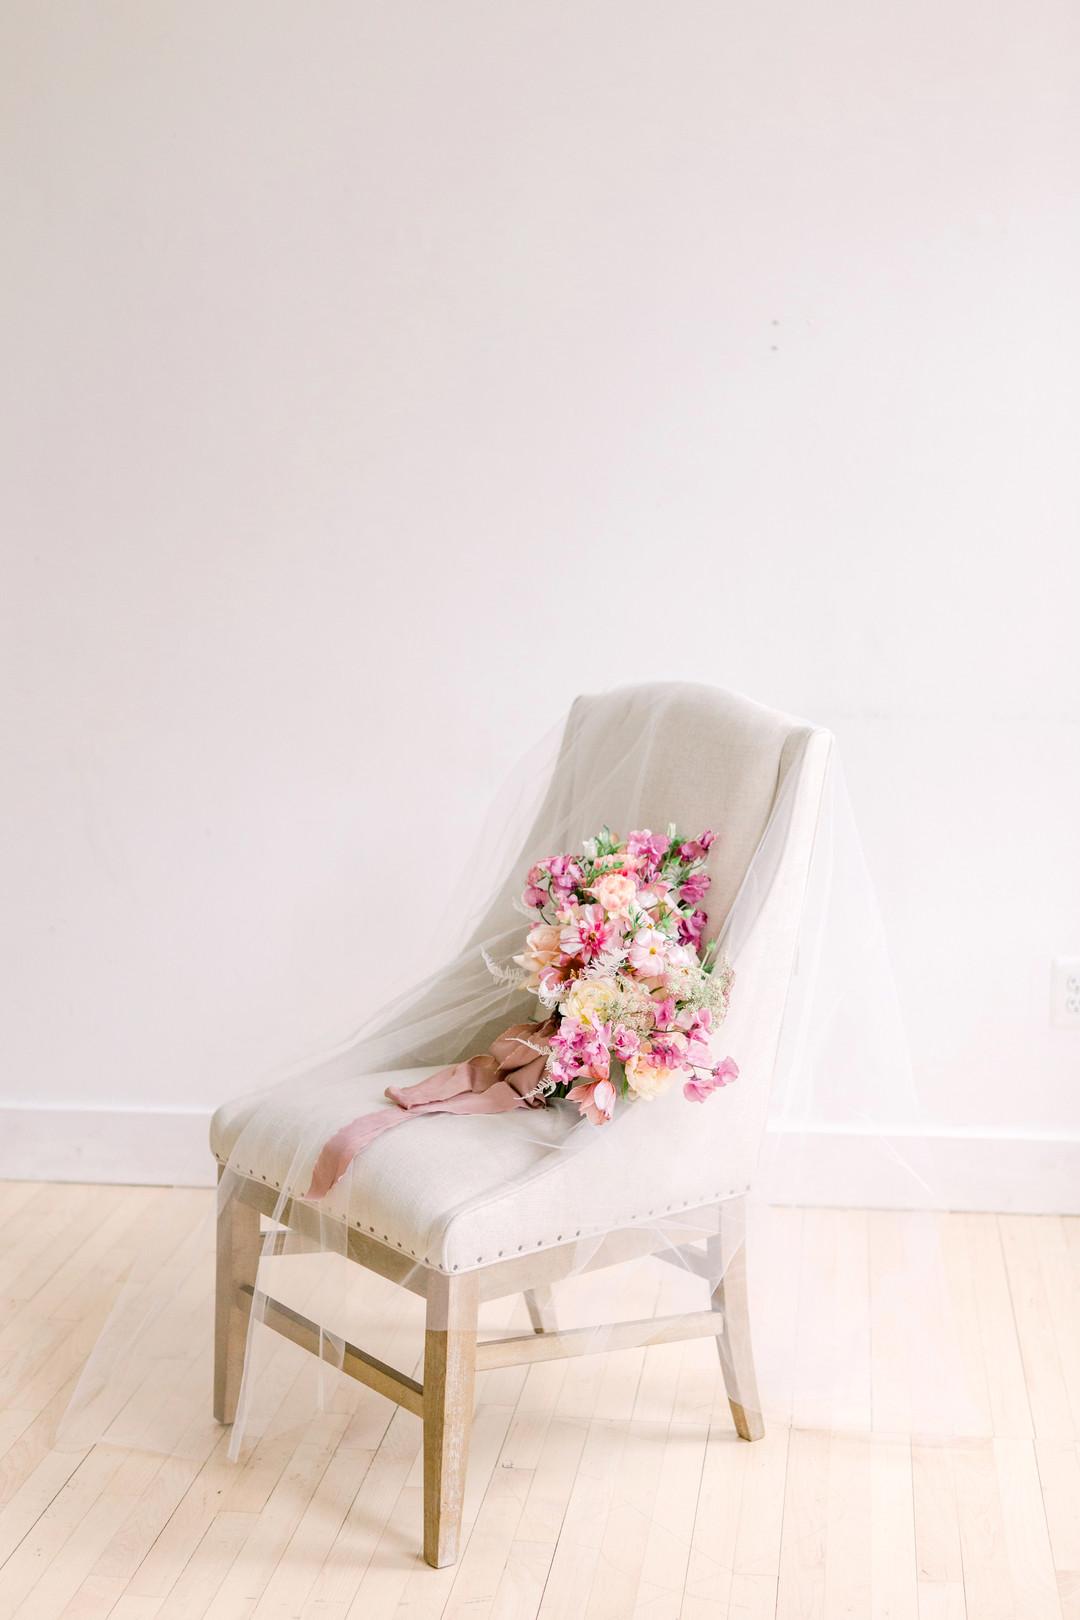 bröllop+elegant+bukett+blogg